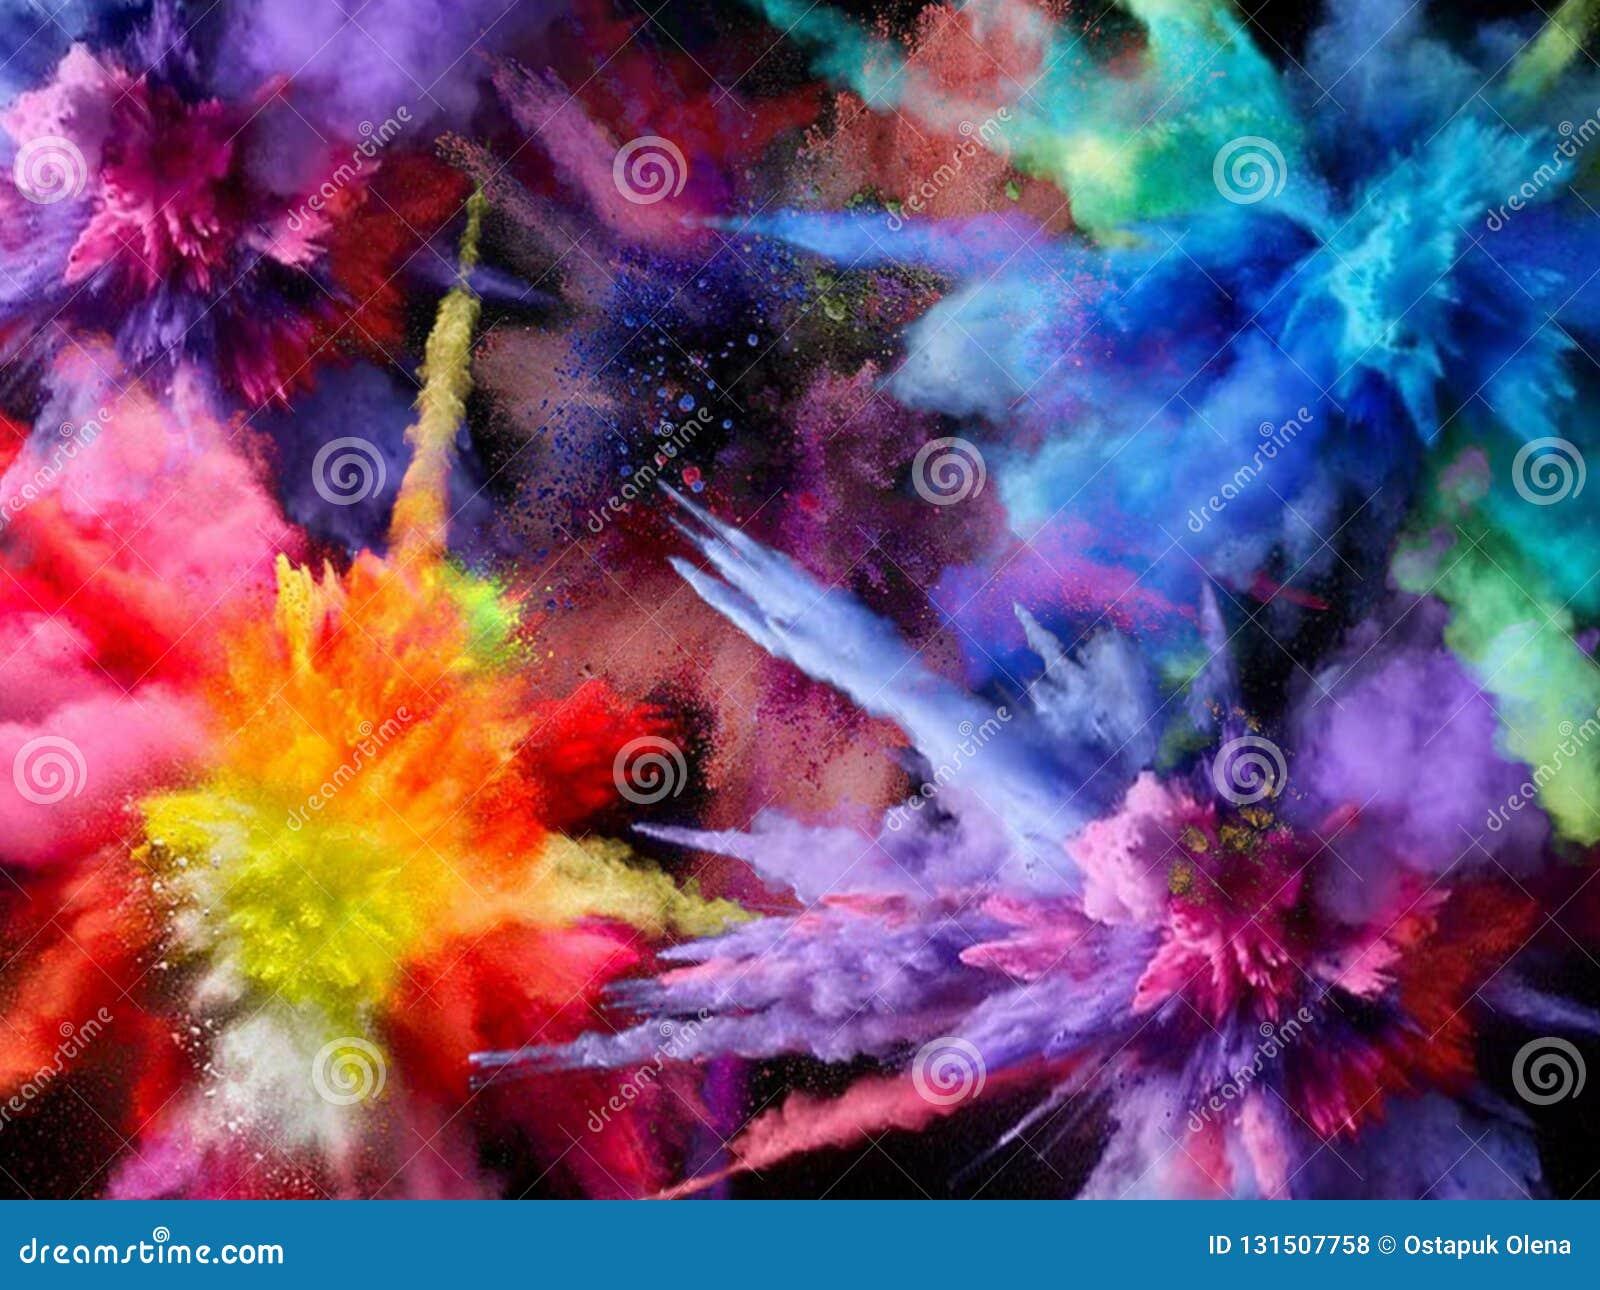 Bakgrund målarfärg brigham Explosion med målarfärg